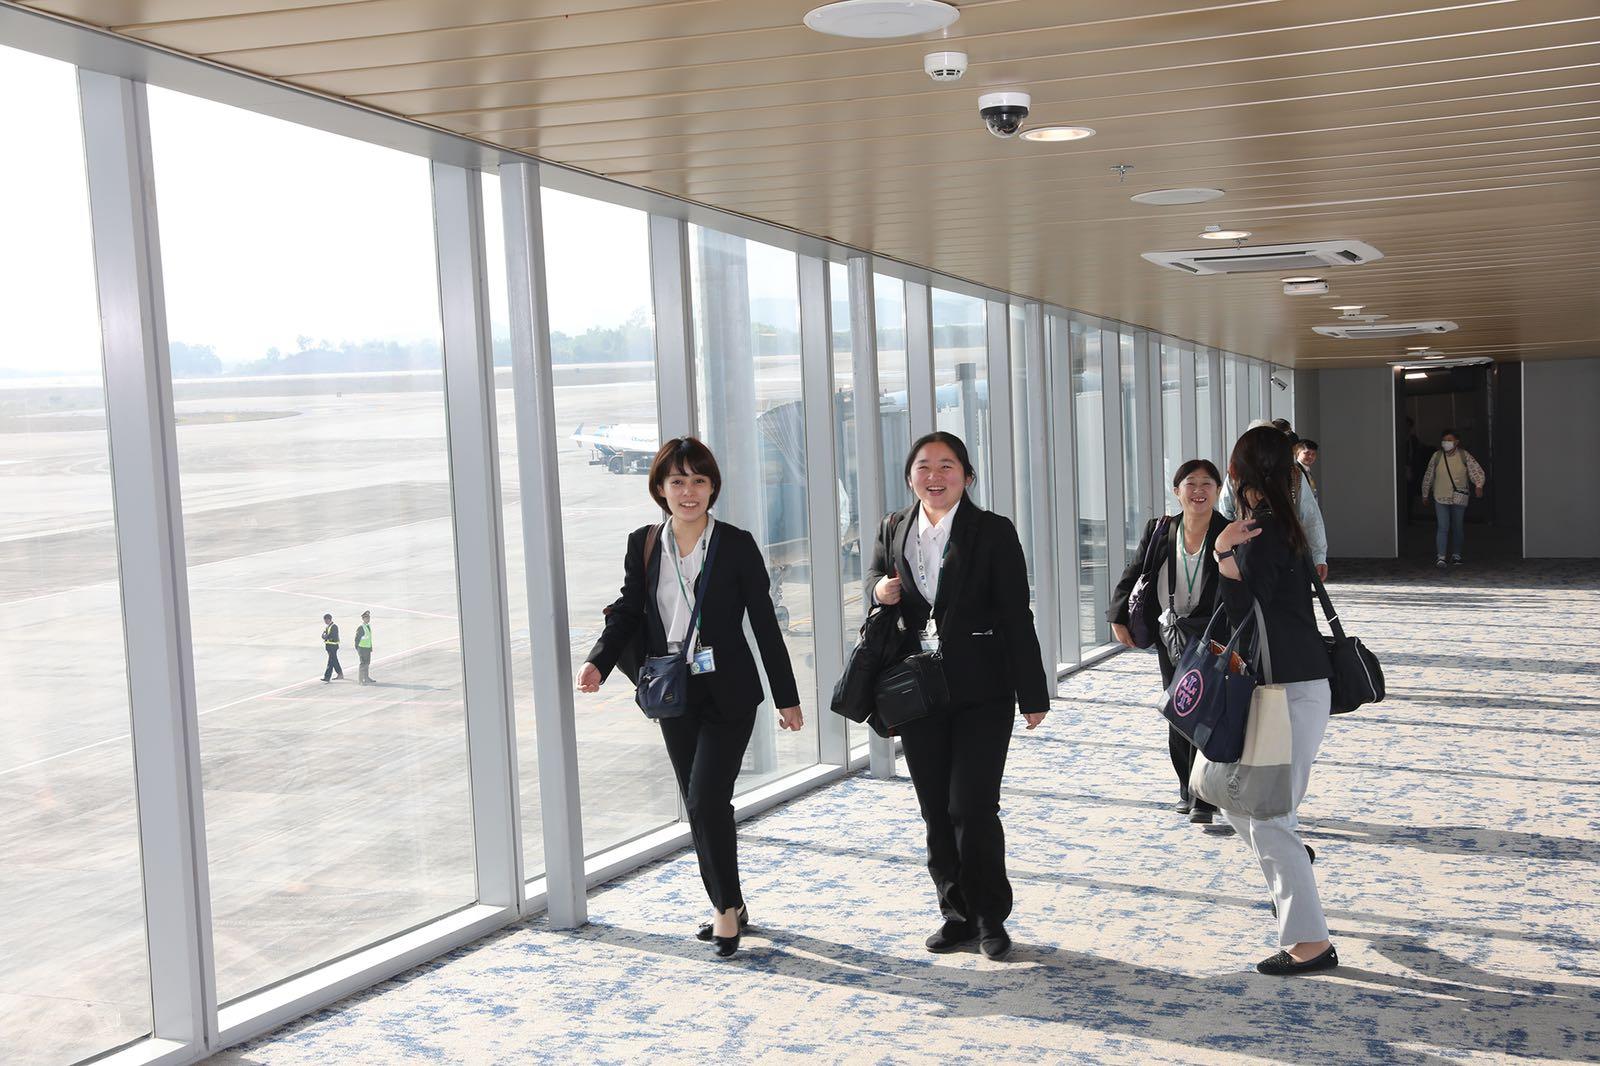 Hai chuyến bay từ Nhật Bản hạ cánh xuống sân bay quốc tế Vân Đồn - Ảnh 1